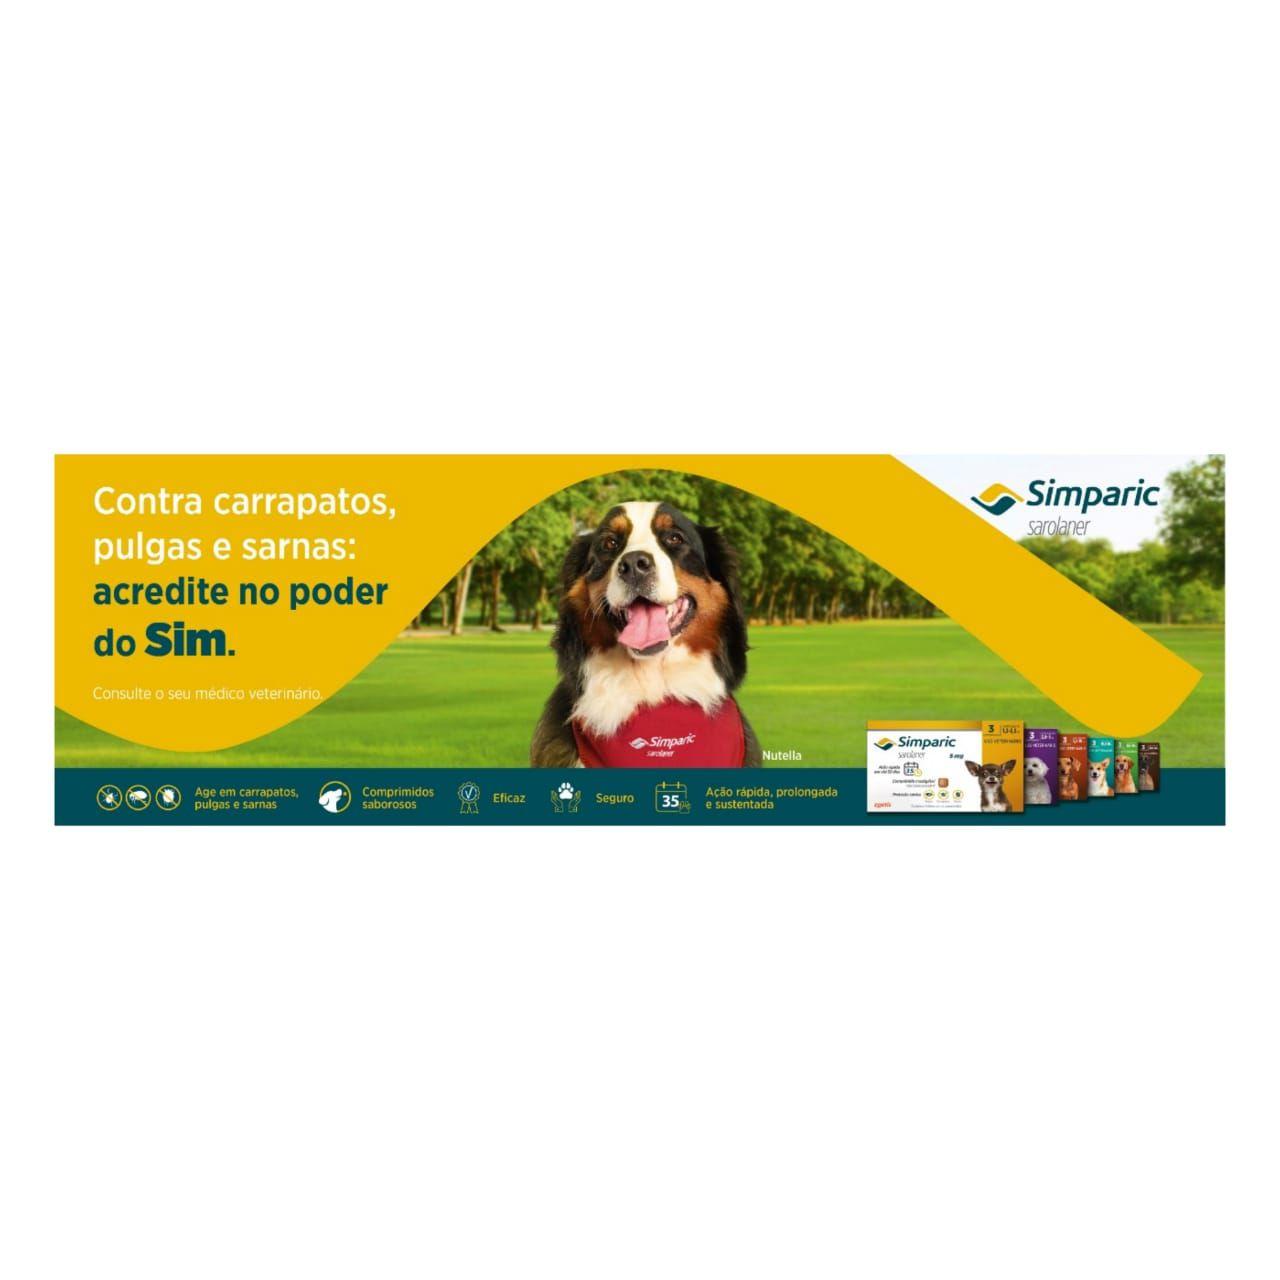 Antipulgas e Carrapatos Simparic 20mg para Cães 5 a 10 Kg - 3 Comprimidos